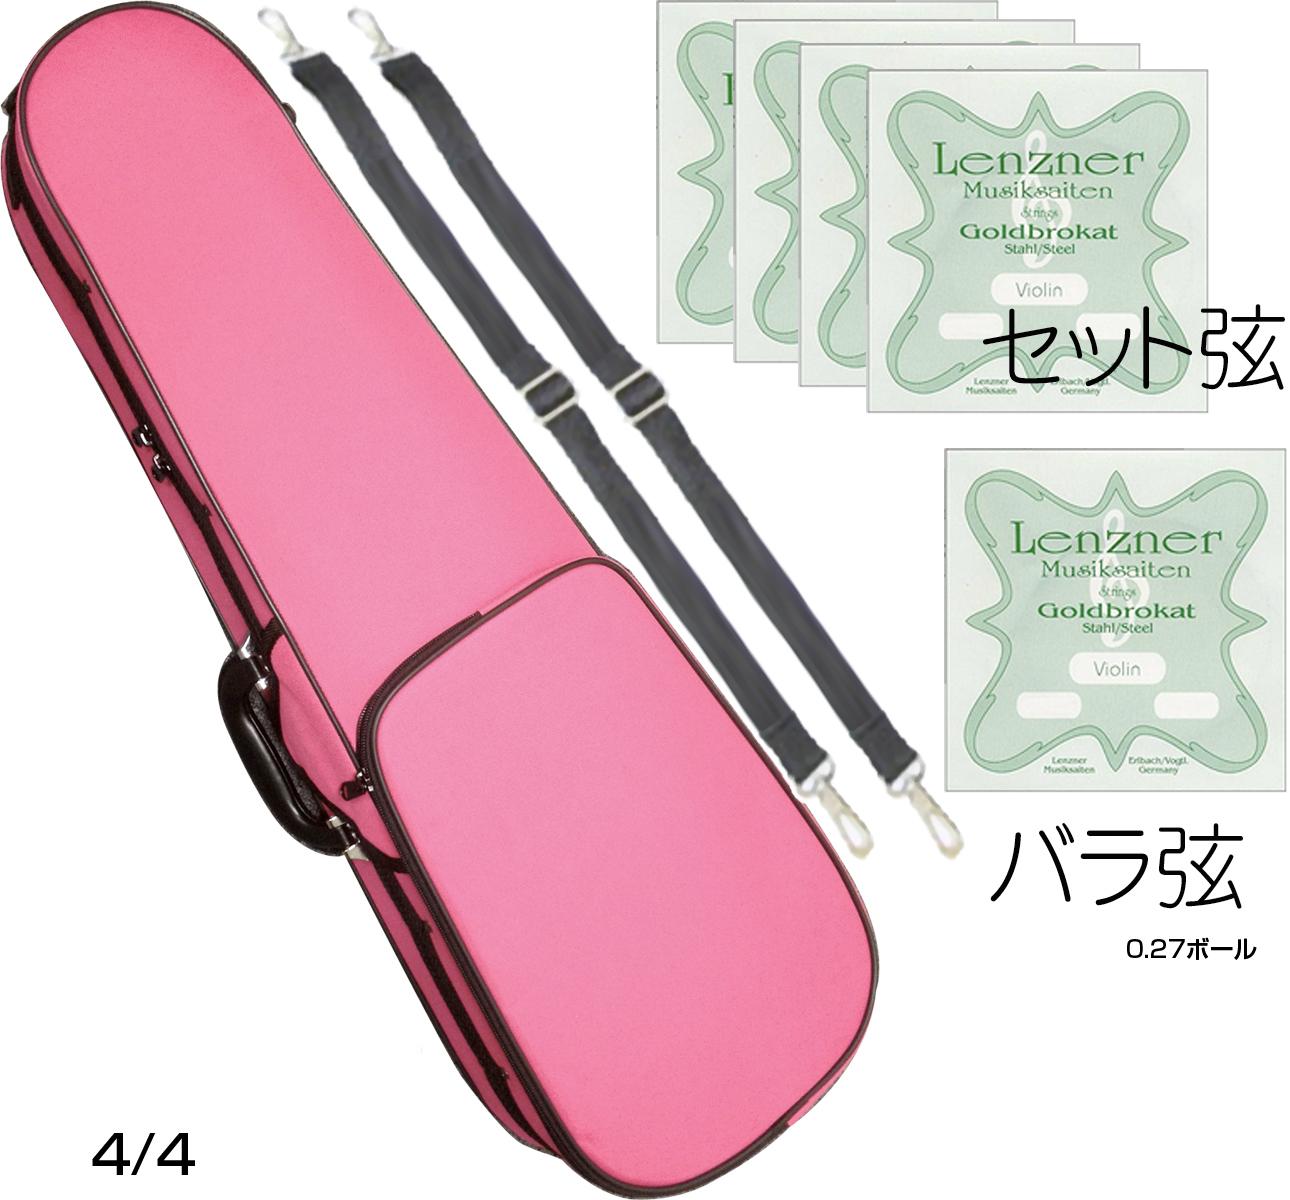 CarloGiordano ( カルロジョルダーノ ) TRC-100C ピンク 4分の4 バイオリンケース リュックタイプ バイオリン セミハードケース ケース violin case 【 TRC100C 4/4 pink 0.27 ボール 】